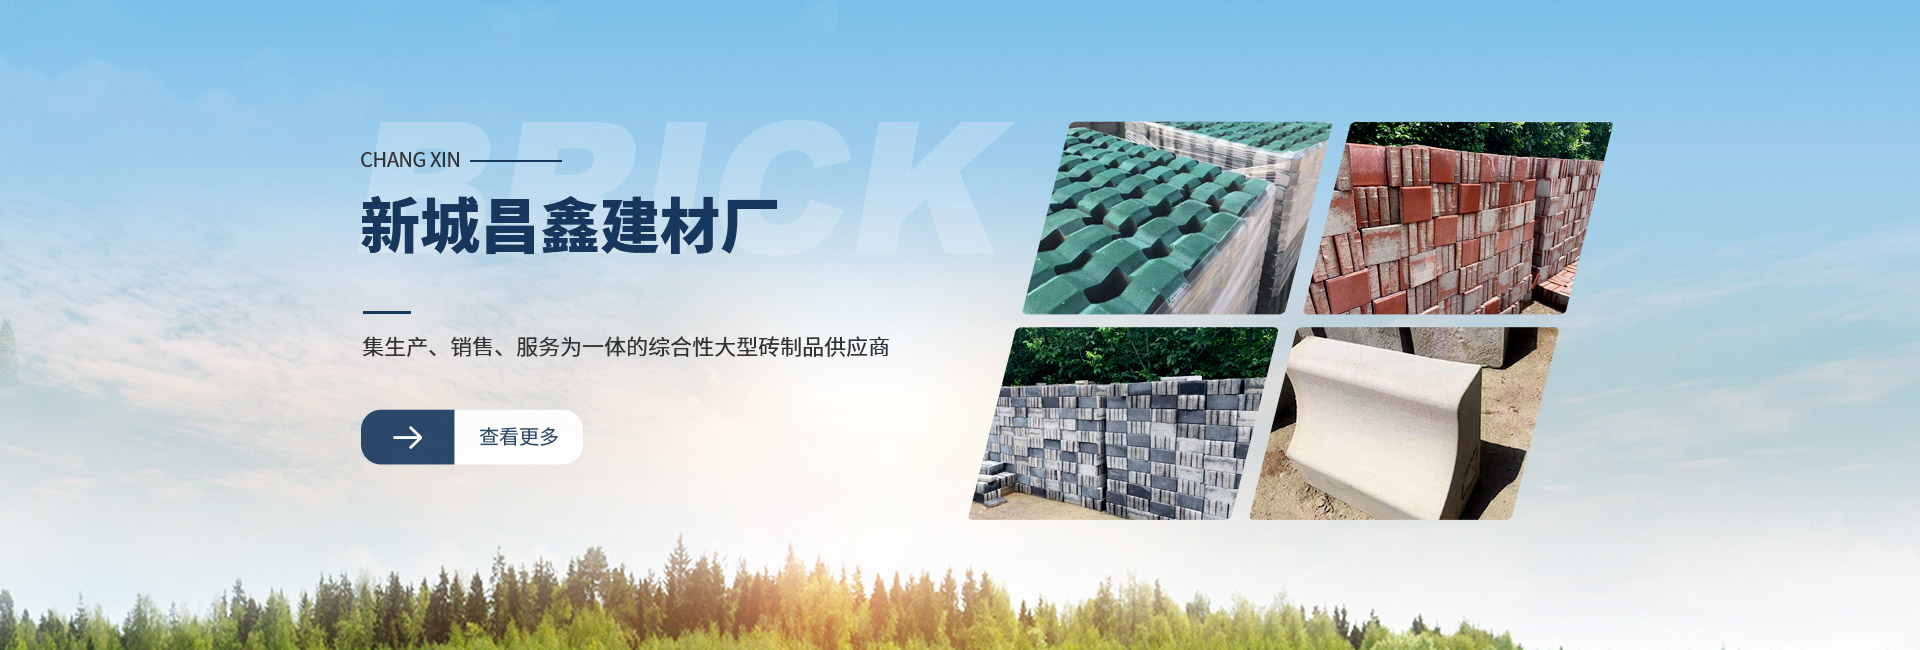 西安草坪砖